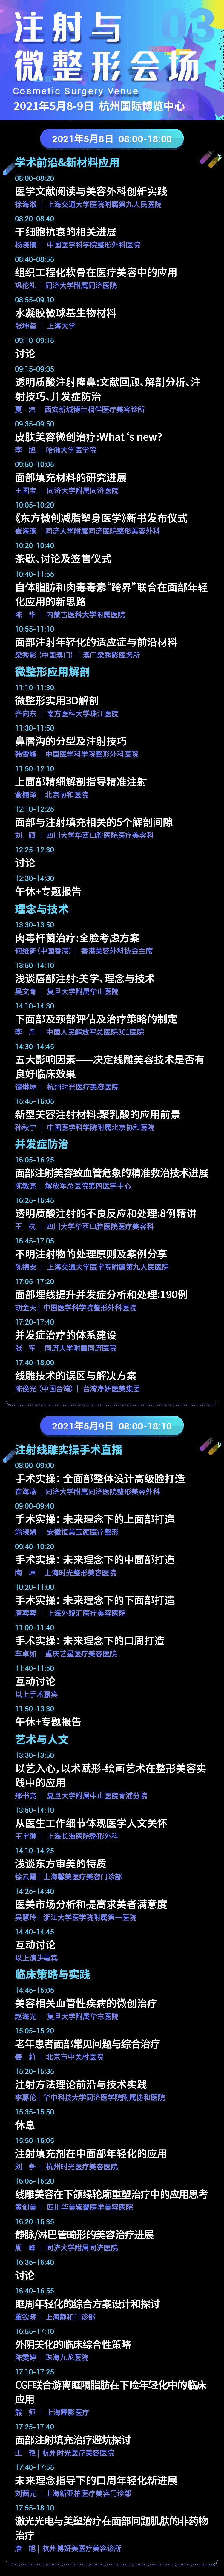 2021美沃斯国际医学美容大会(杭州)